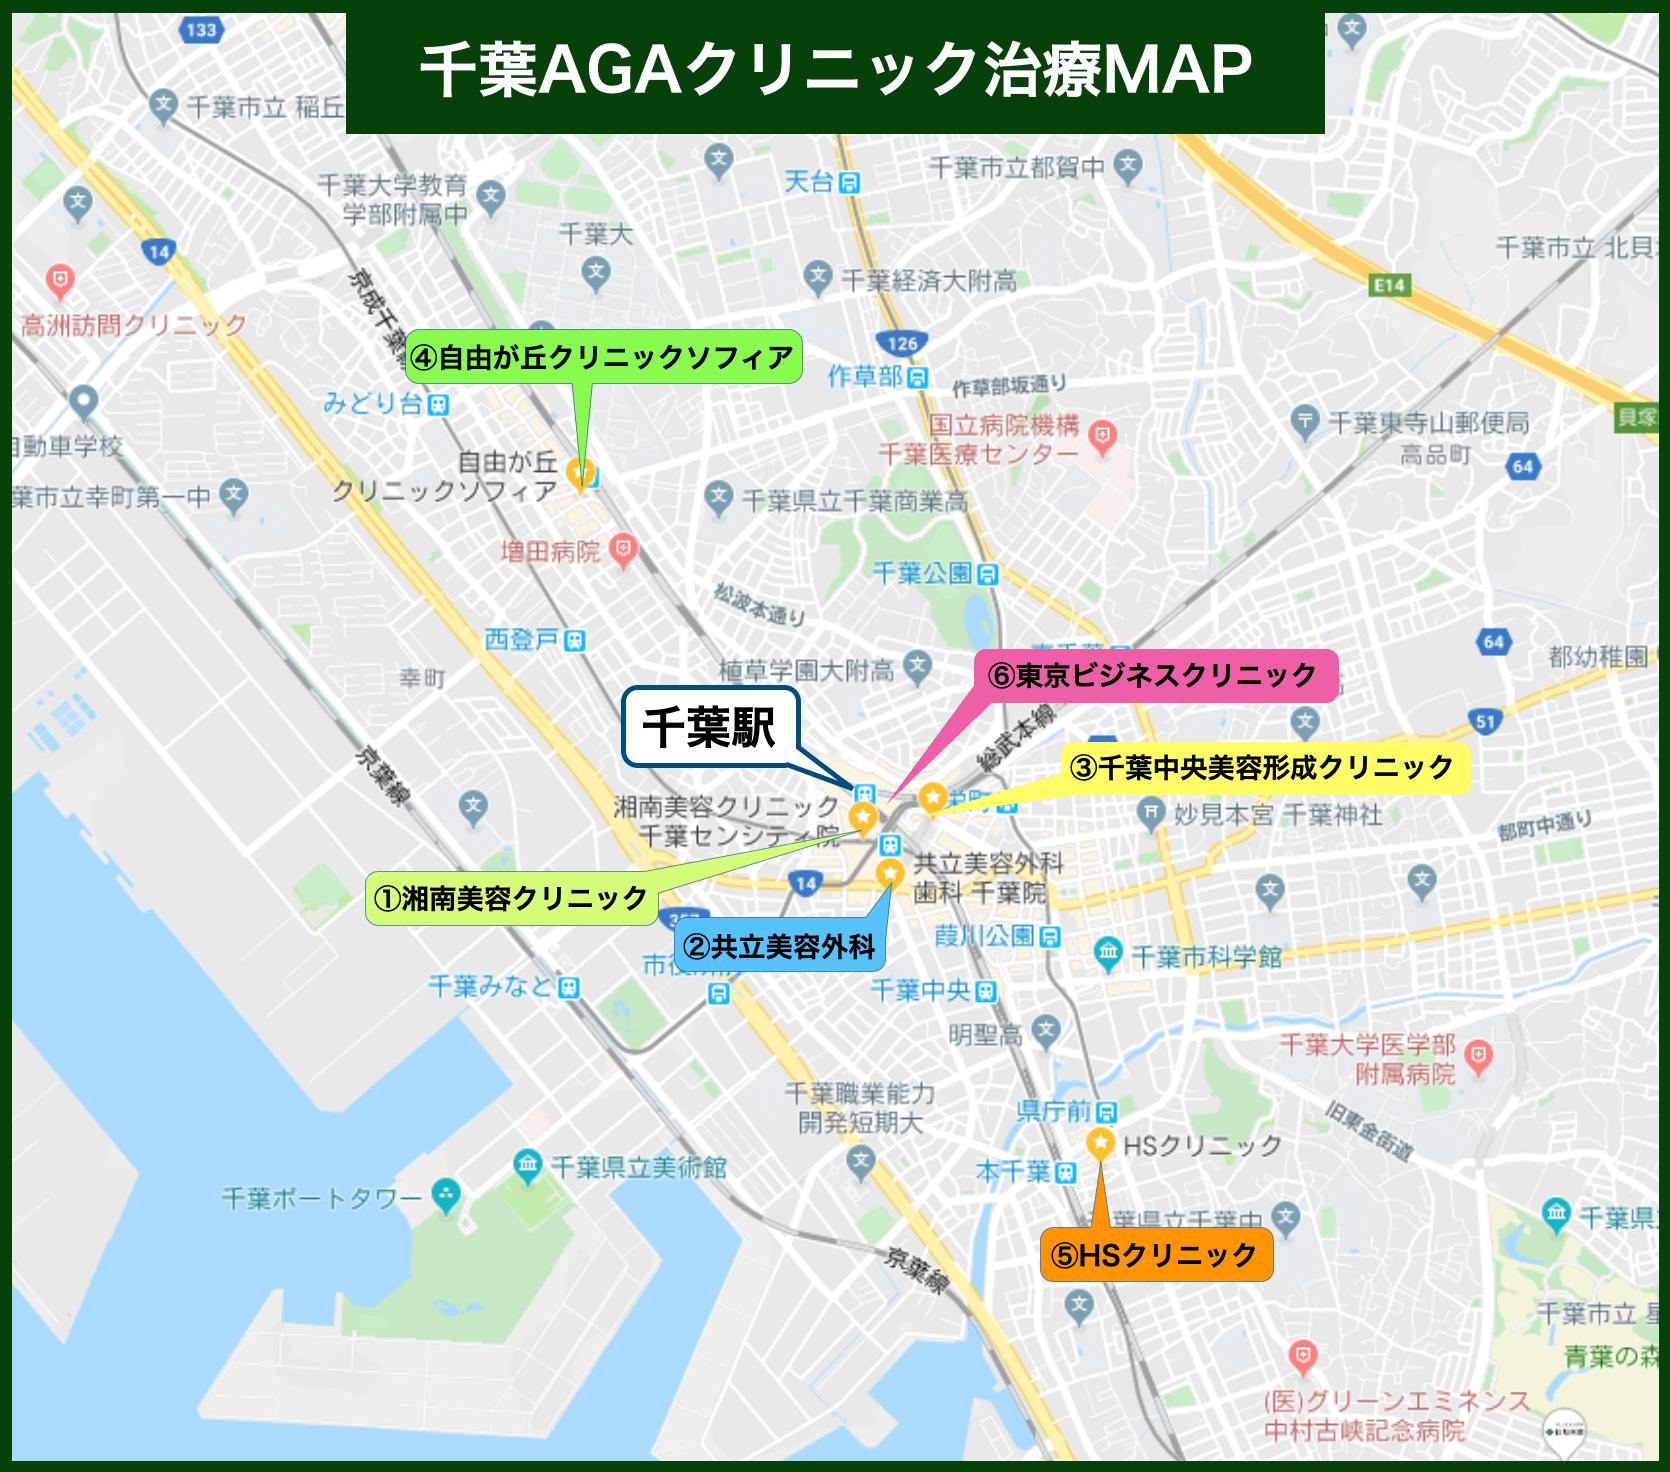 千葉 AGAクリニックMAP